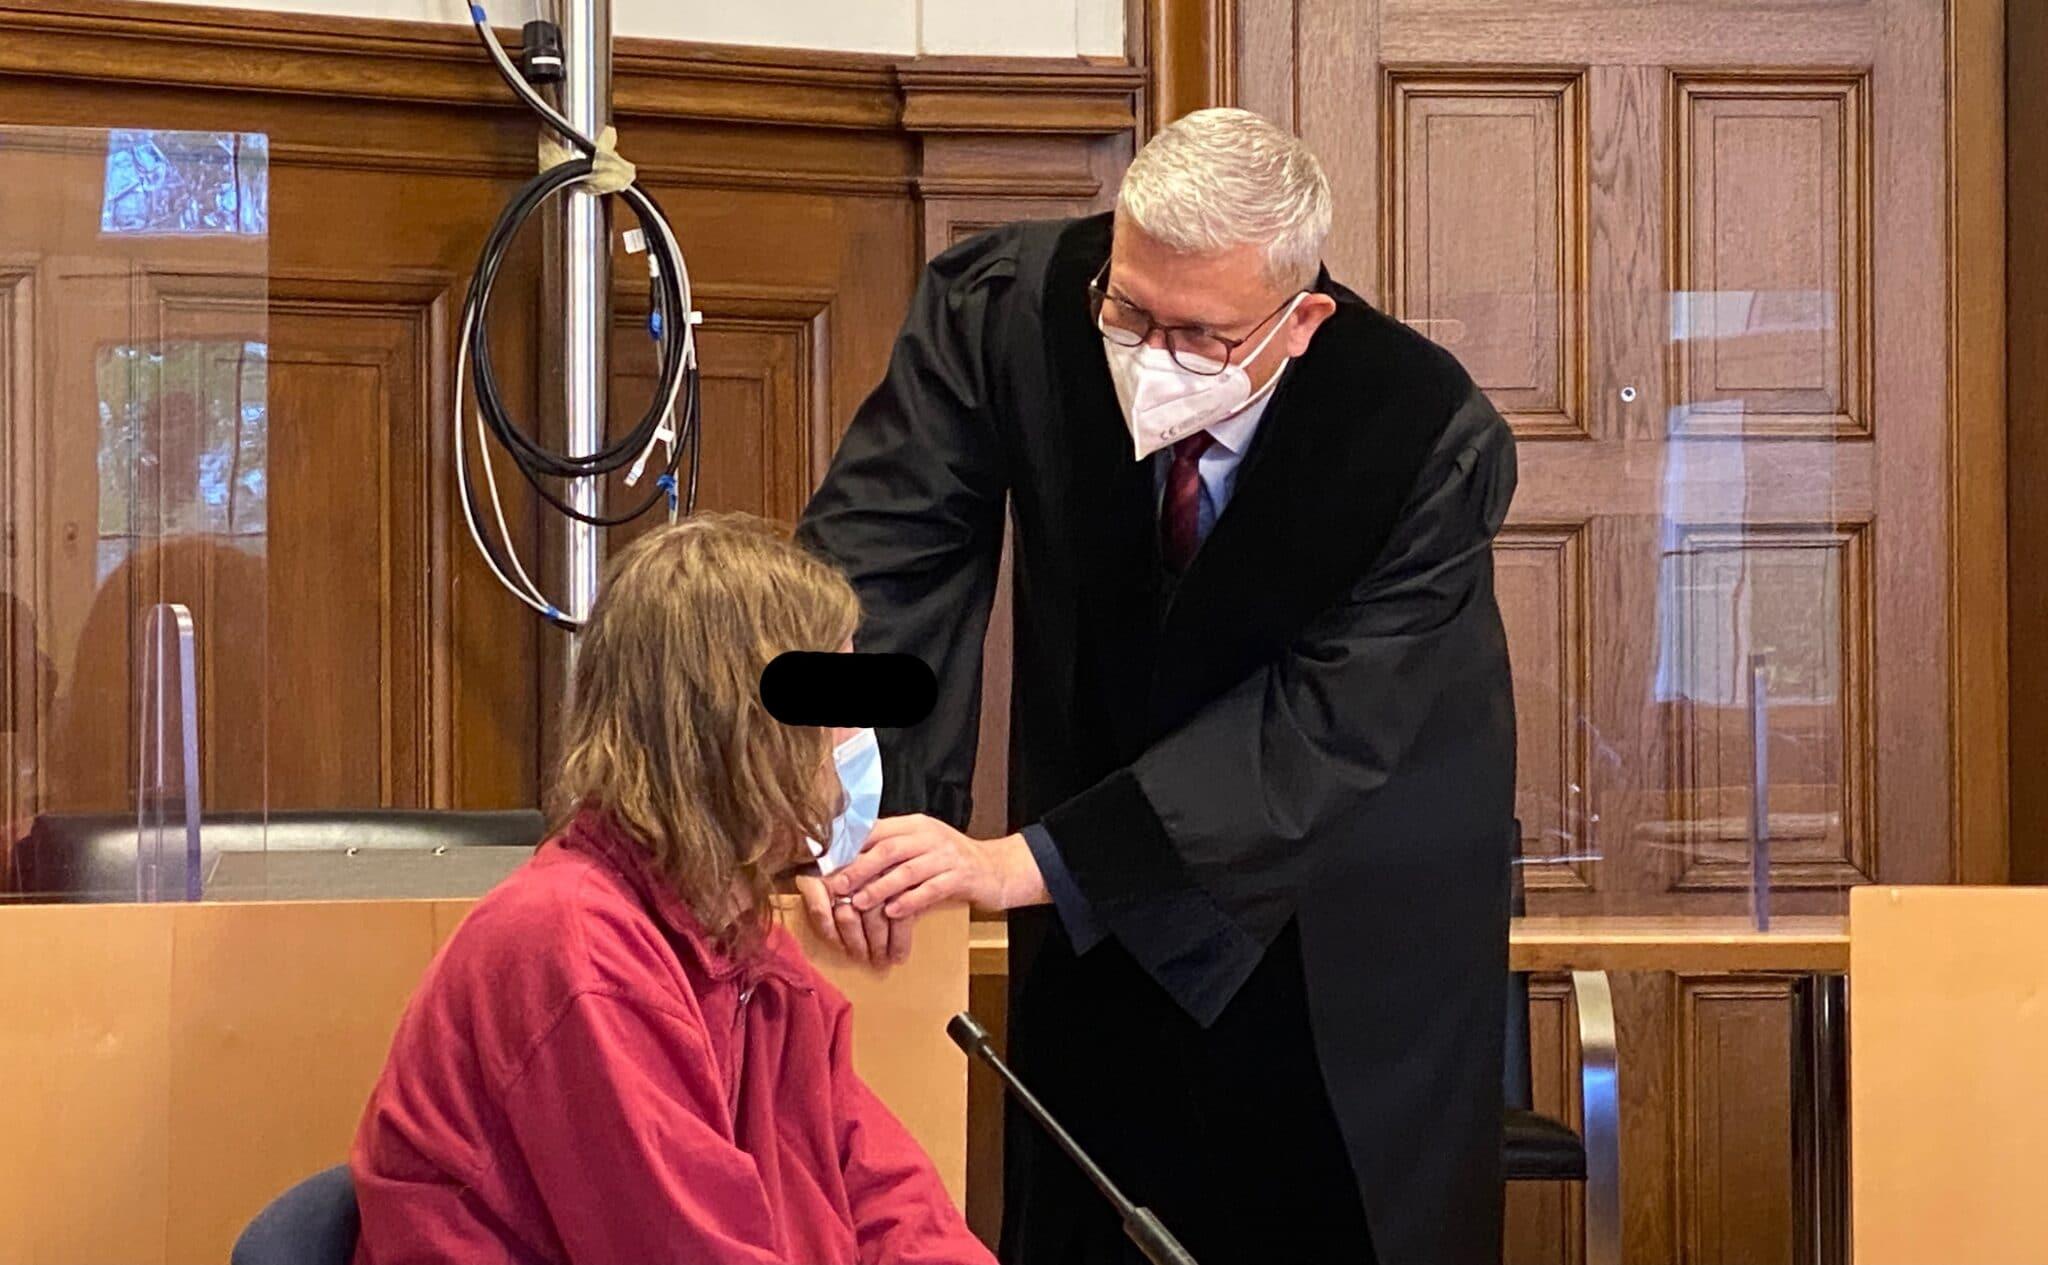 Verurteilt: der Erpresser, hier mit seinem Pflichtverteidiger. Foto: gg